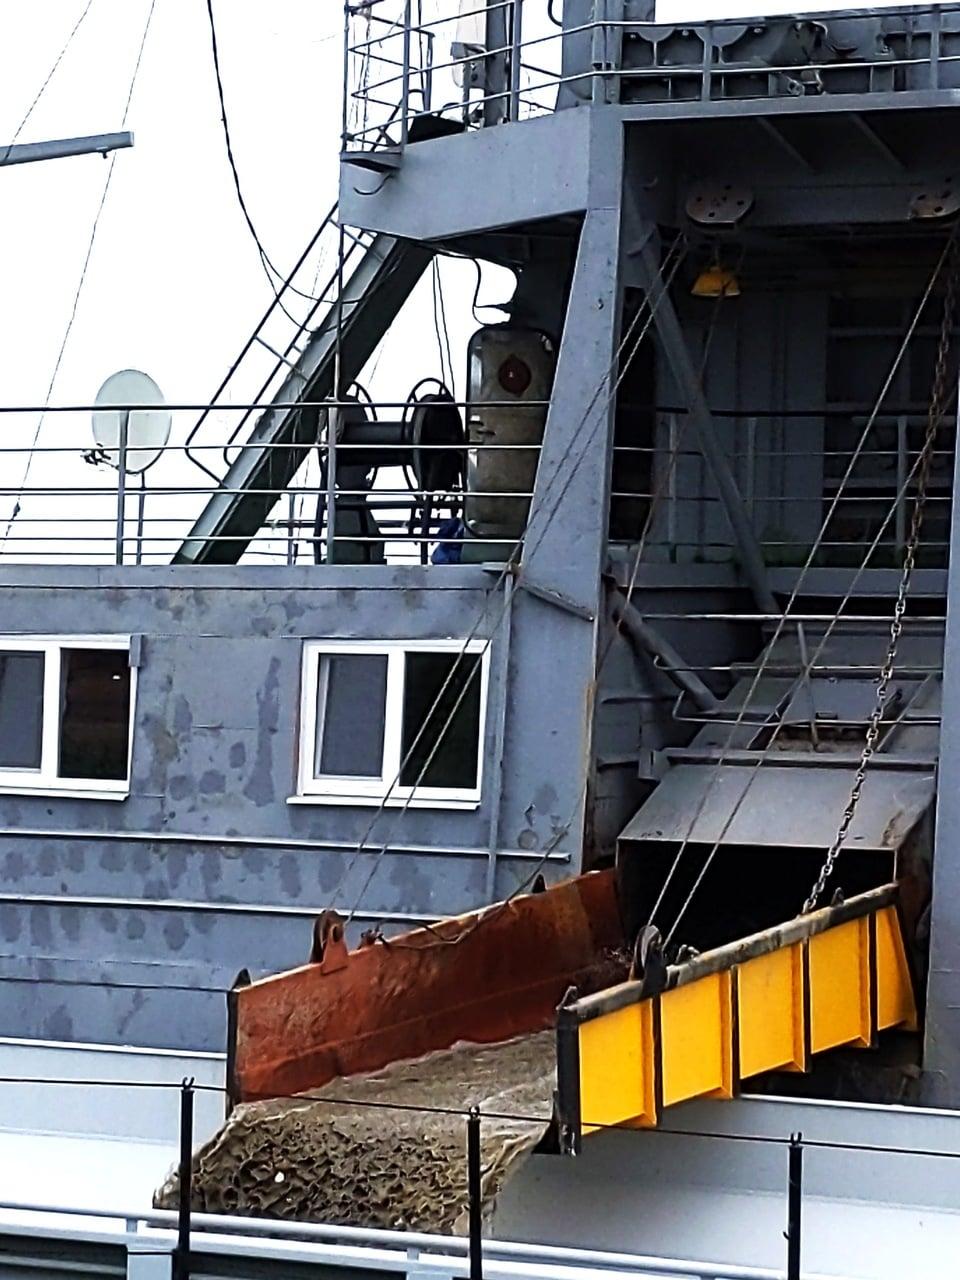 В акватории Измаильского порта стартовали работы по дноуглублению, которые должны увеличить его потенциал